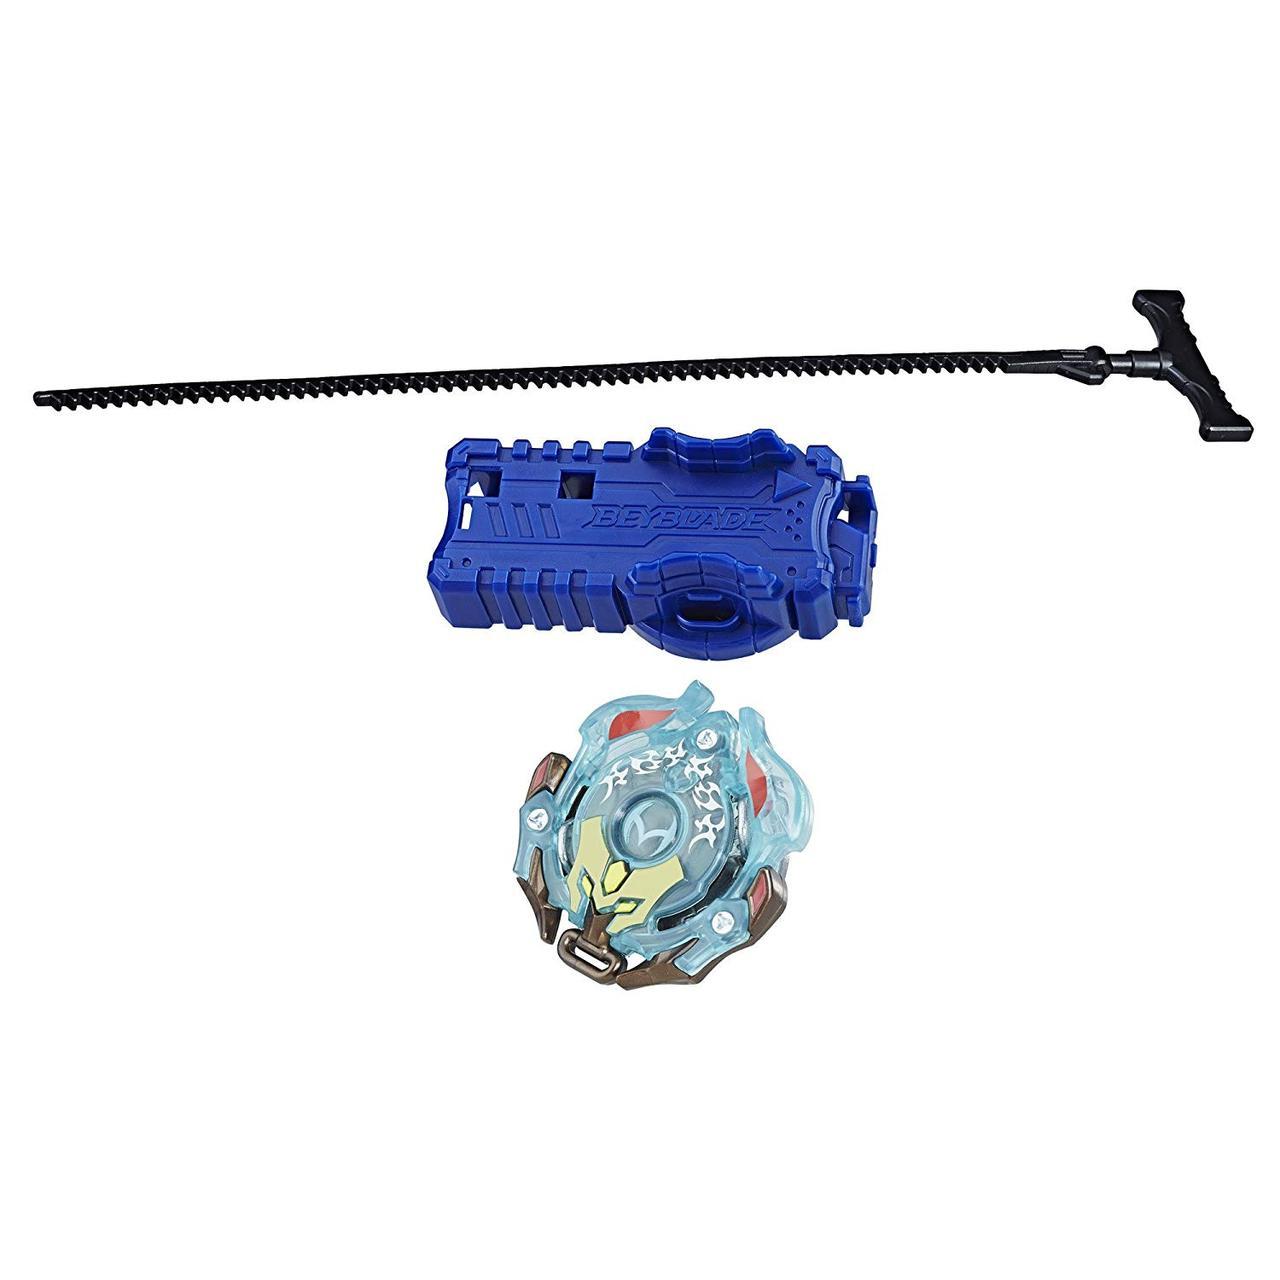 Бейблейд Миноборос M2 с пусковым устройством Beyblade Minoboros M2 Battling Top Toy